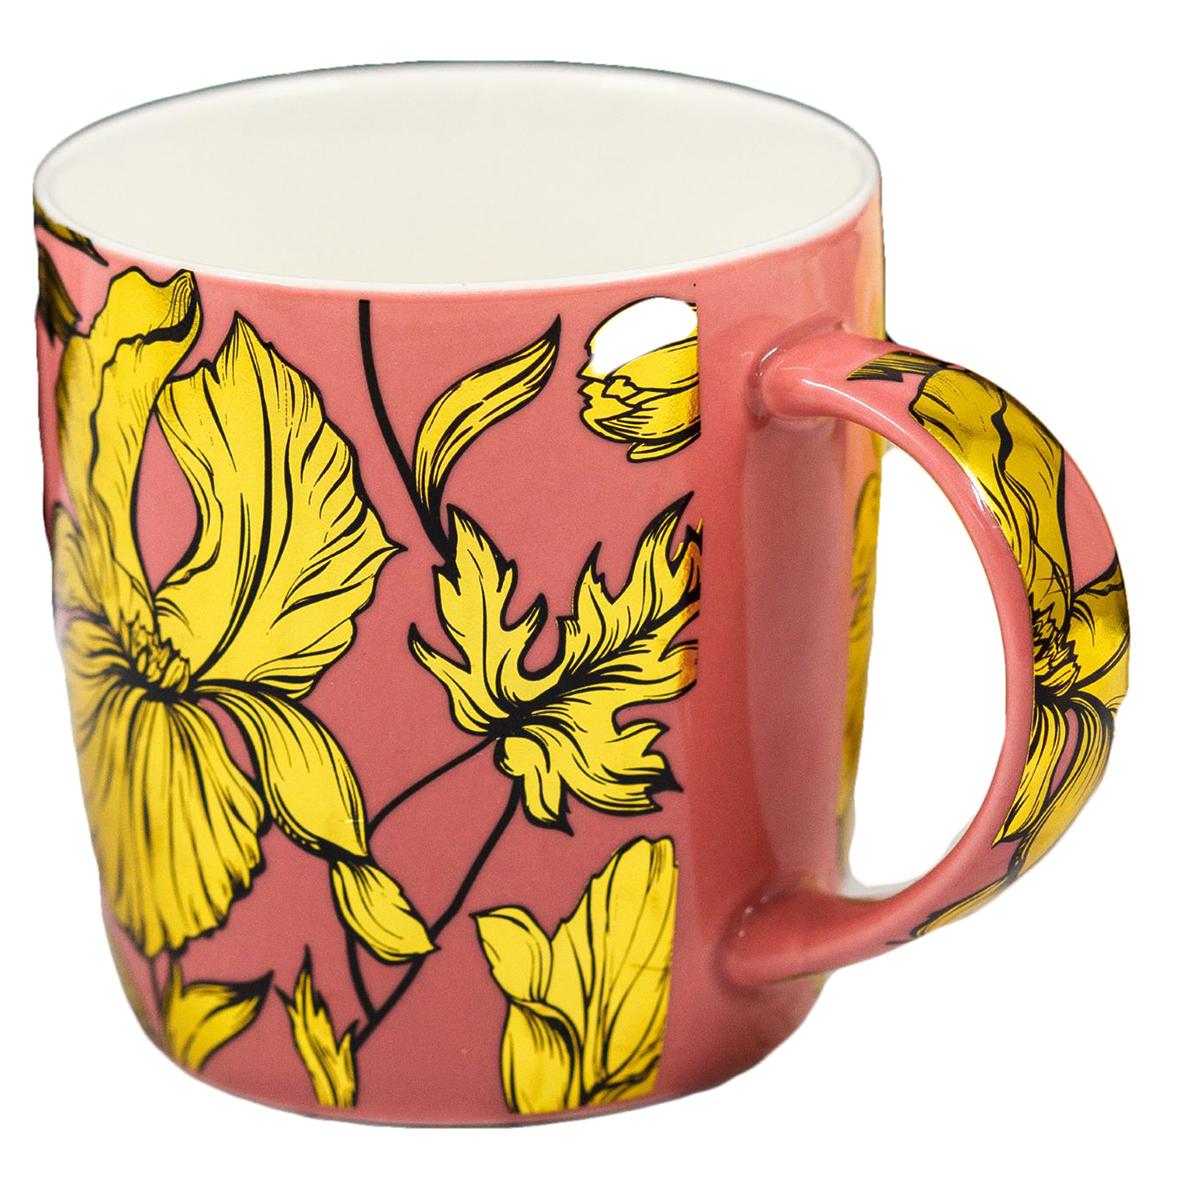 Яркая кружка сделает чаепитие по-настоящему приятным. Она с любовью создана нашими дизайнерами специально для ценителей этого напитка. Интересный дизайн и благородные цвета будут радовать её обладателя долгие годы. Радуйте себя каждый день, ведь жизнь состоит из таких приятных мелочей! Внимание: не помещать в микроволновую печь и посудомоечную машину.